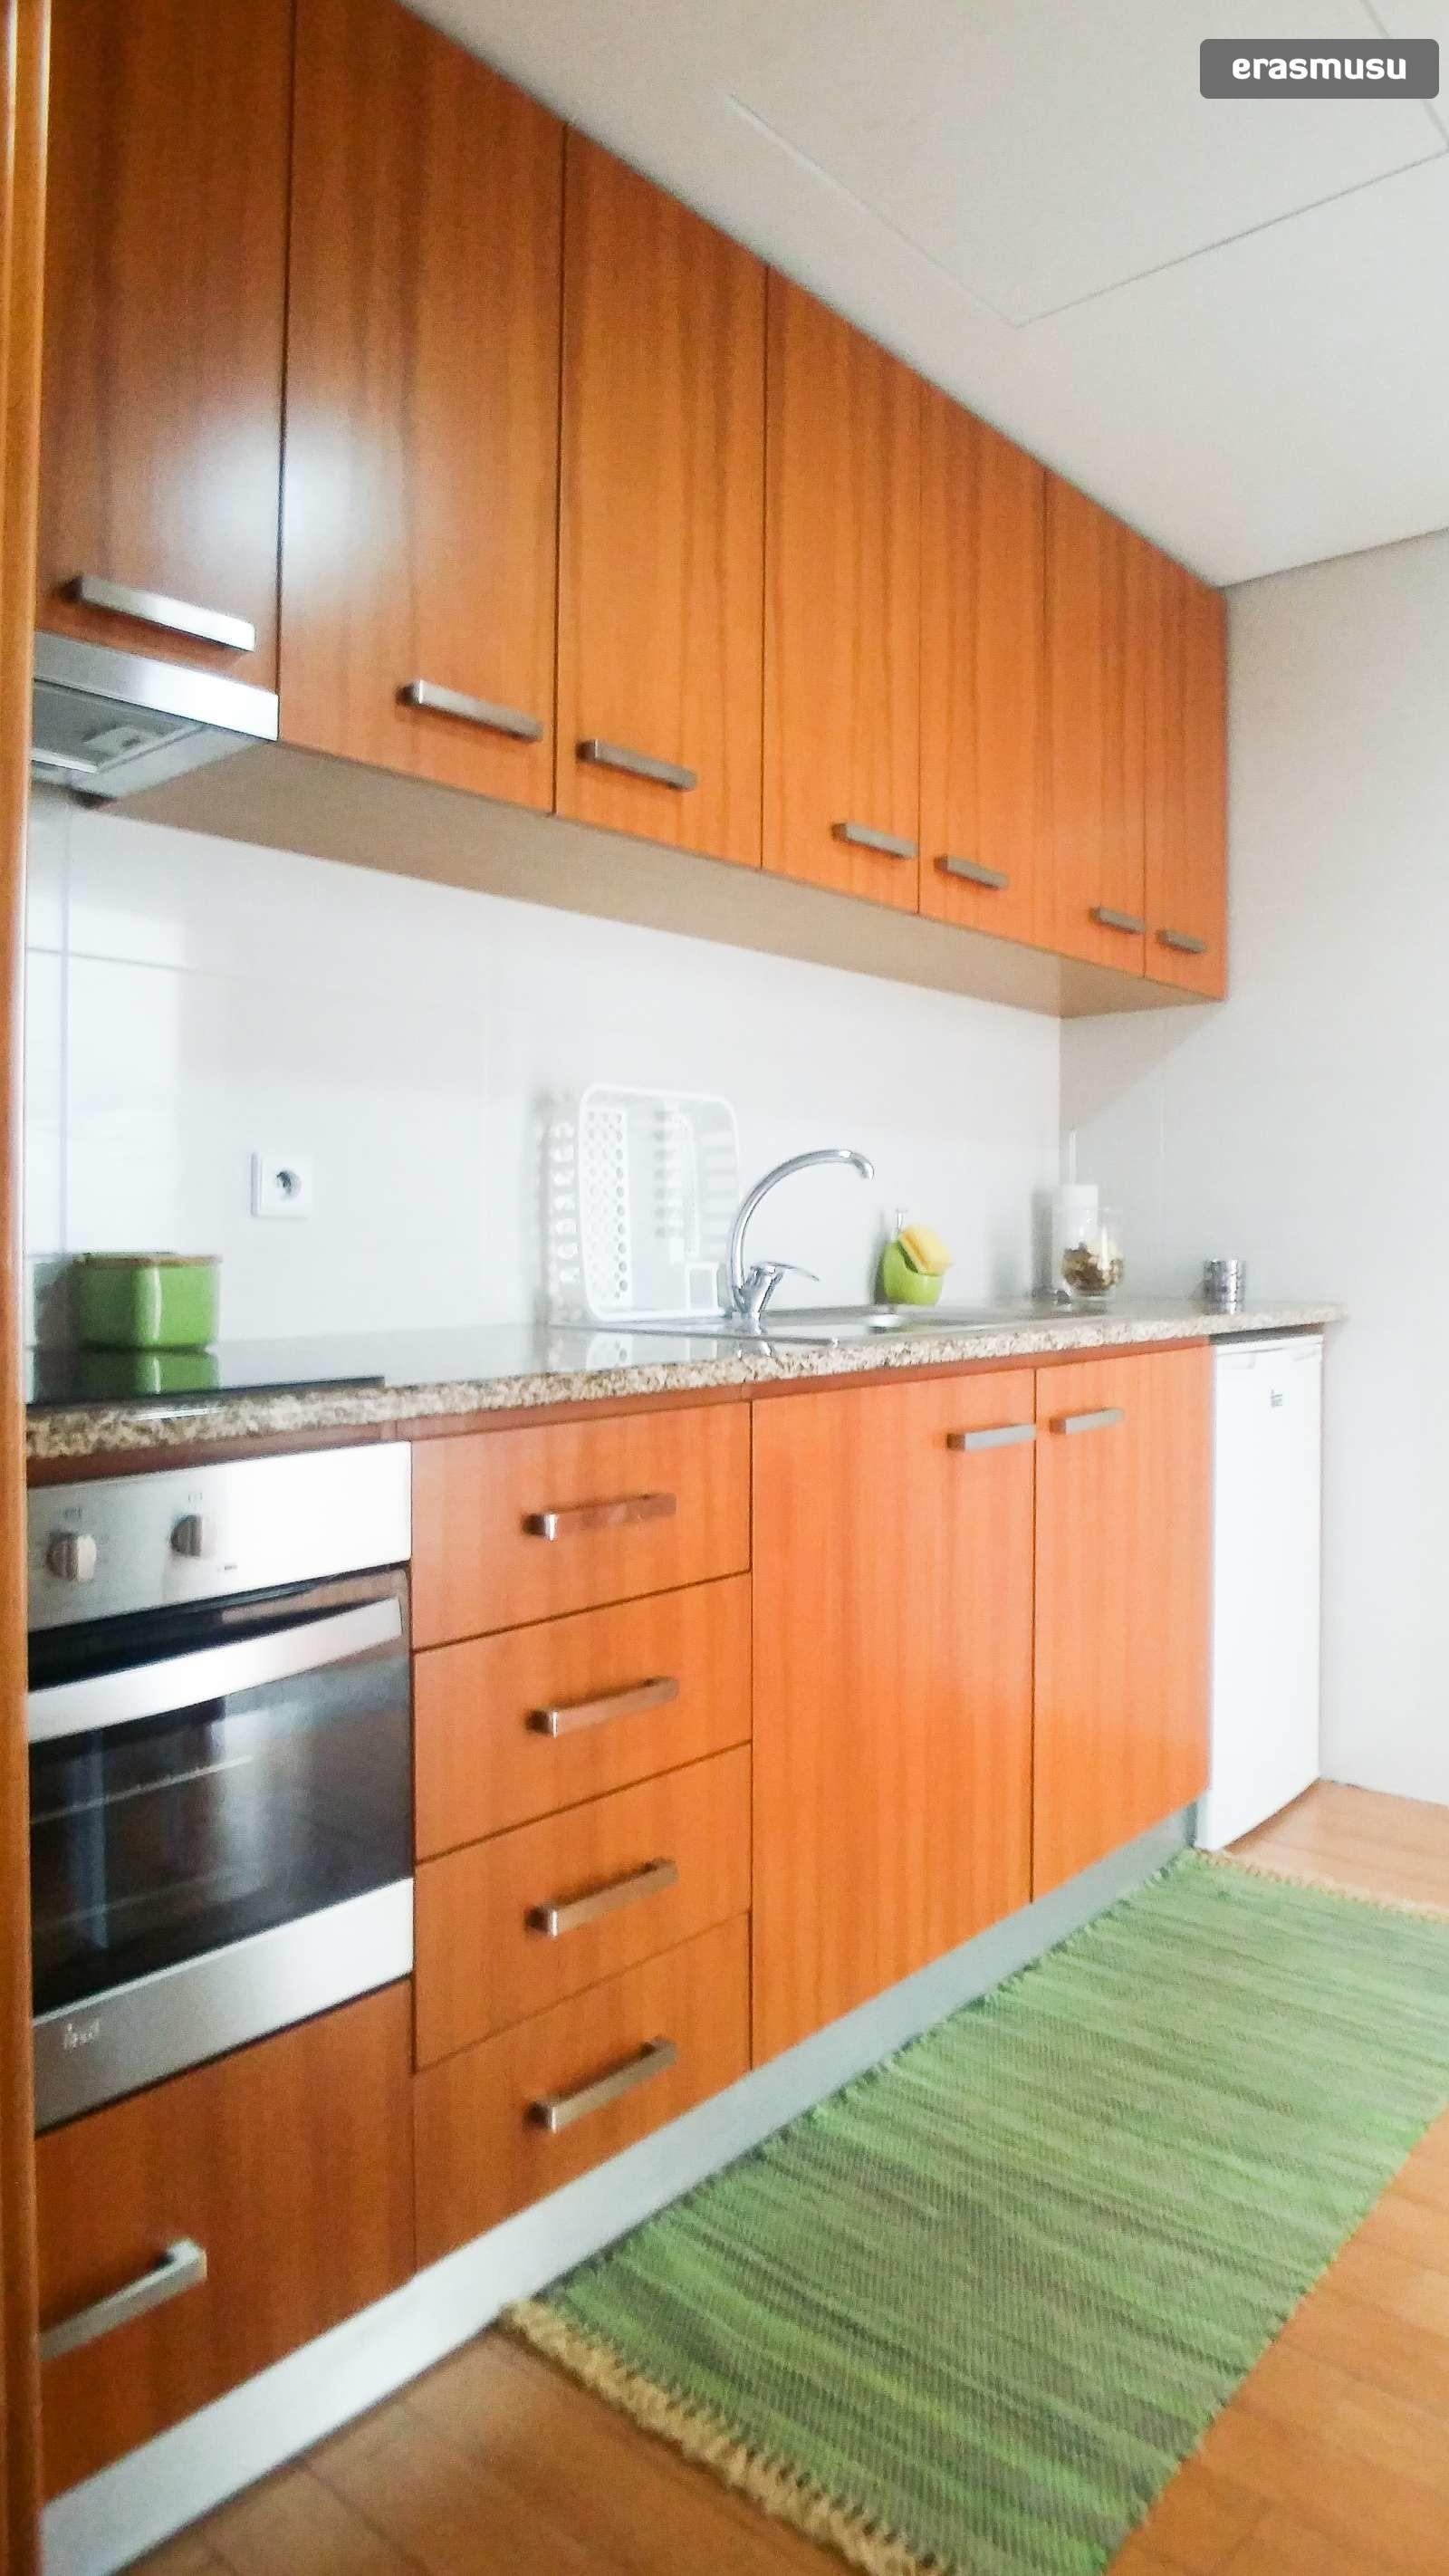 bright-studio-apartment-rent-cedofeita-f506ec6d2c9bb3c9415e6c6b9